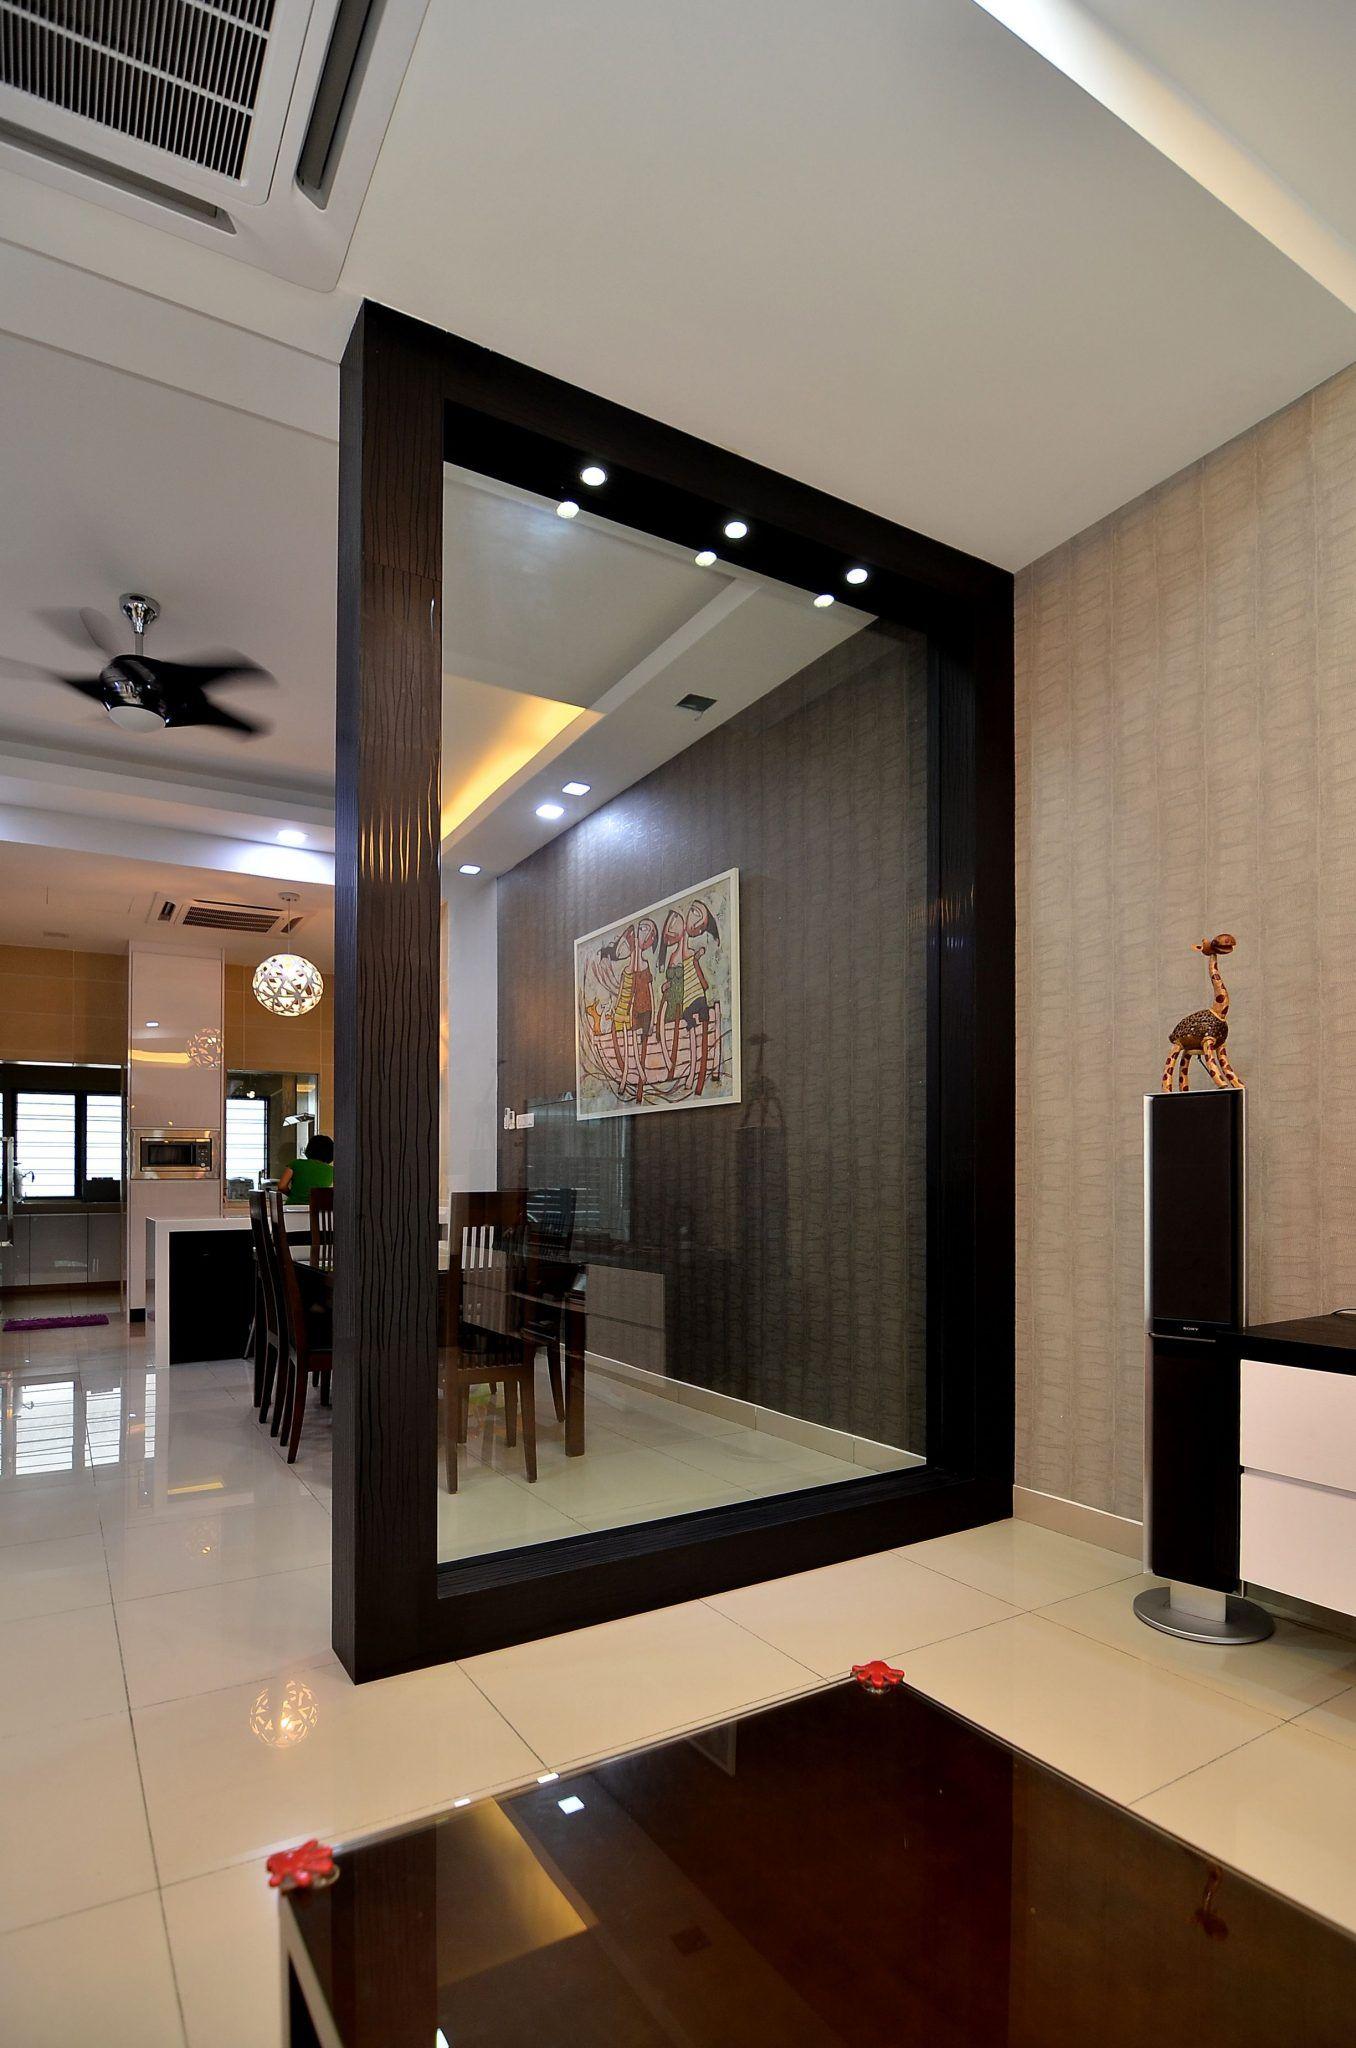 33 Marvelous Room Divider Ideas To Optimize Your Space Desain Partisi Ruang Tamu Desain Kamar Ide Dekorasi Rumah Kitchen living room divider ideas home